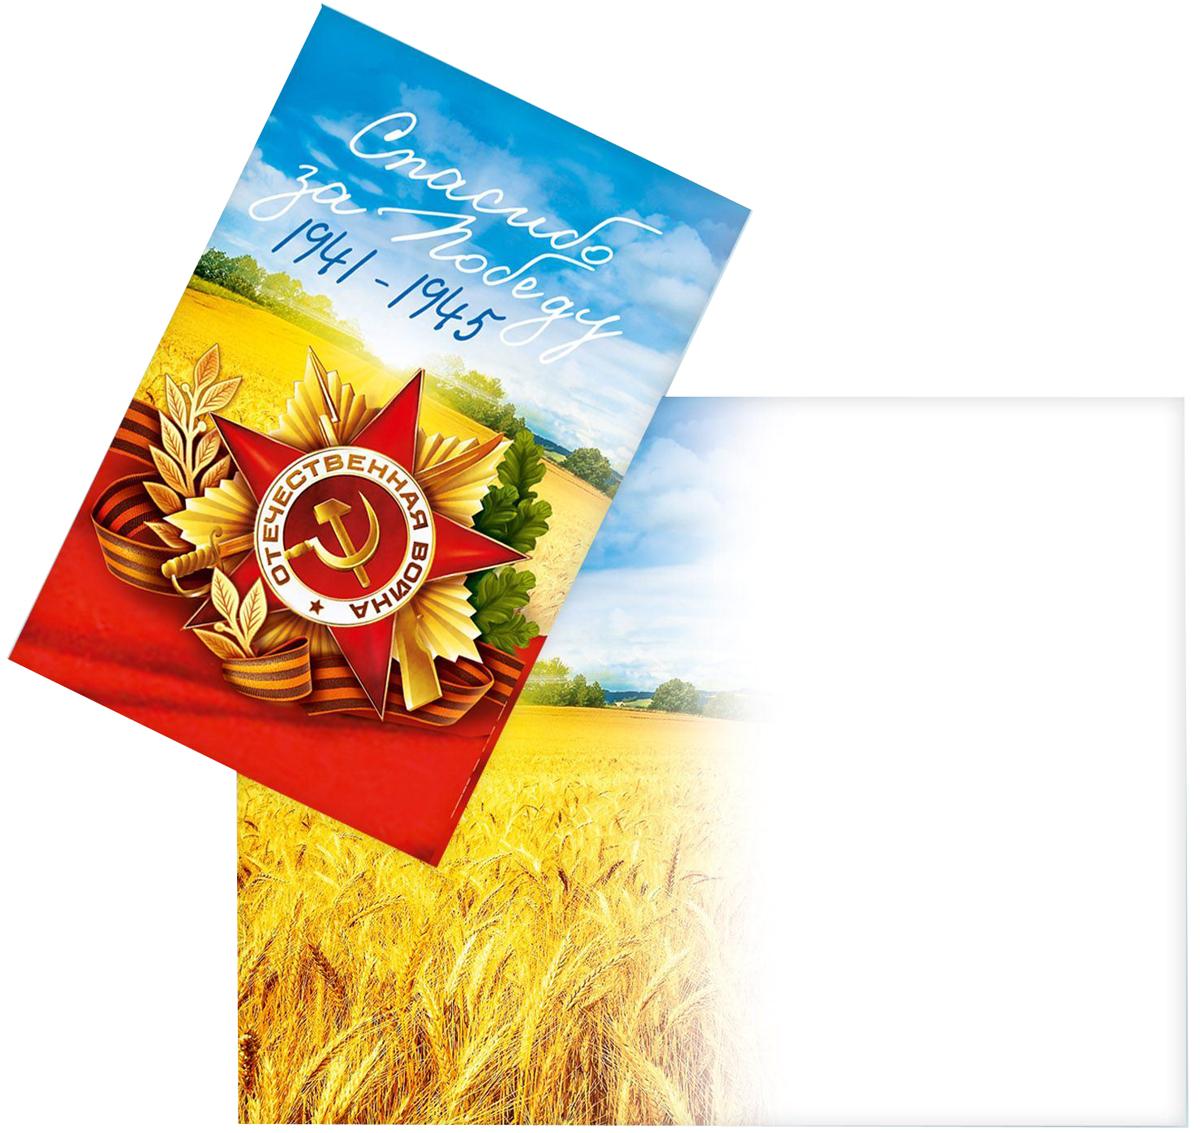 Открытка Дарите cчастье Спасибо за Победу!, 9 х 6 см2123612Праздники — это отличный повод встретиться с родными и друзьями, провести вместе время. Поздравьте близких и дорогих вам людей, подарив им карточку с тёплыми пожеланиями.Мини-открытка не содержит текста, но имеет красивый дизайнерский рисунок. Такая яркая карточка станет прекрасным дополнением к основному подарку.Сохраните самые чудесные моменты жизни!